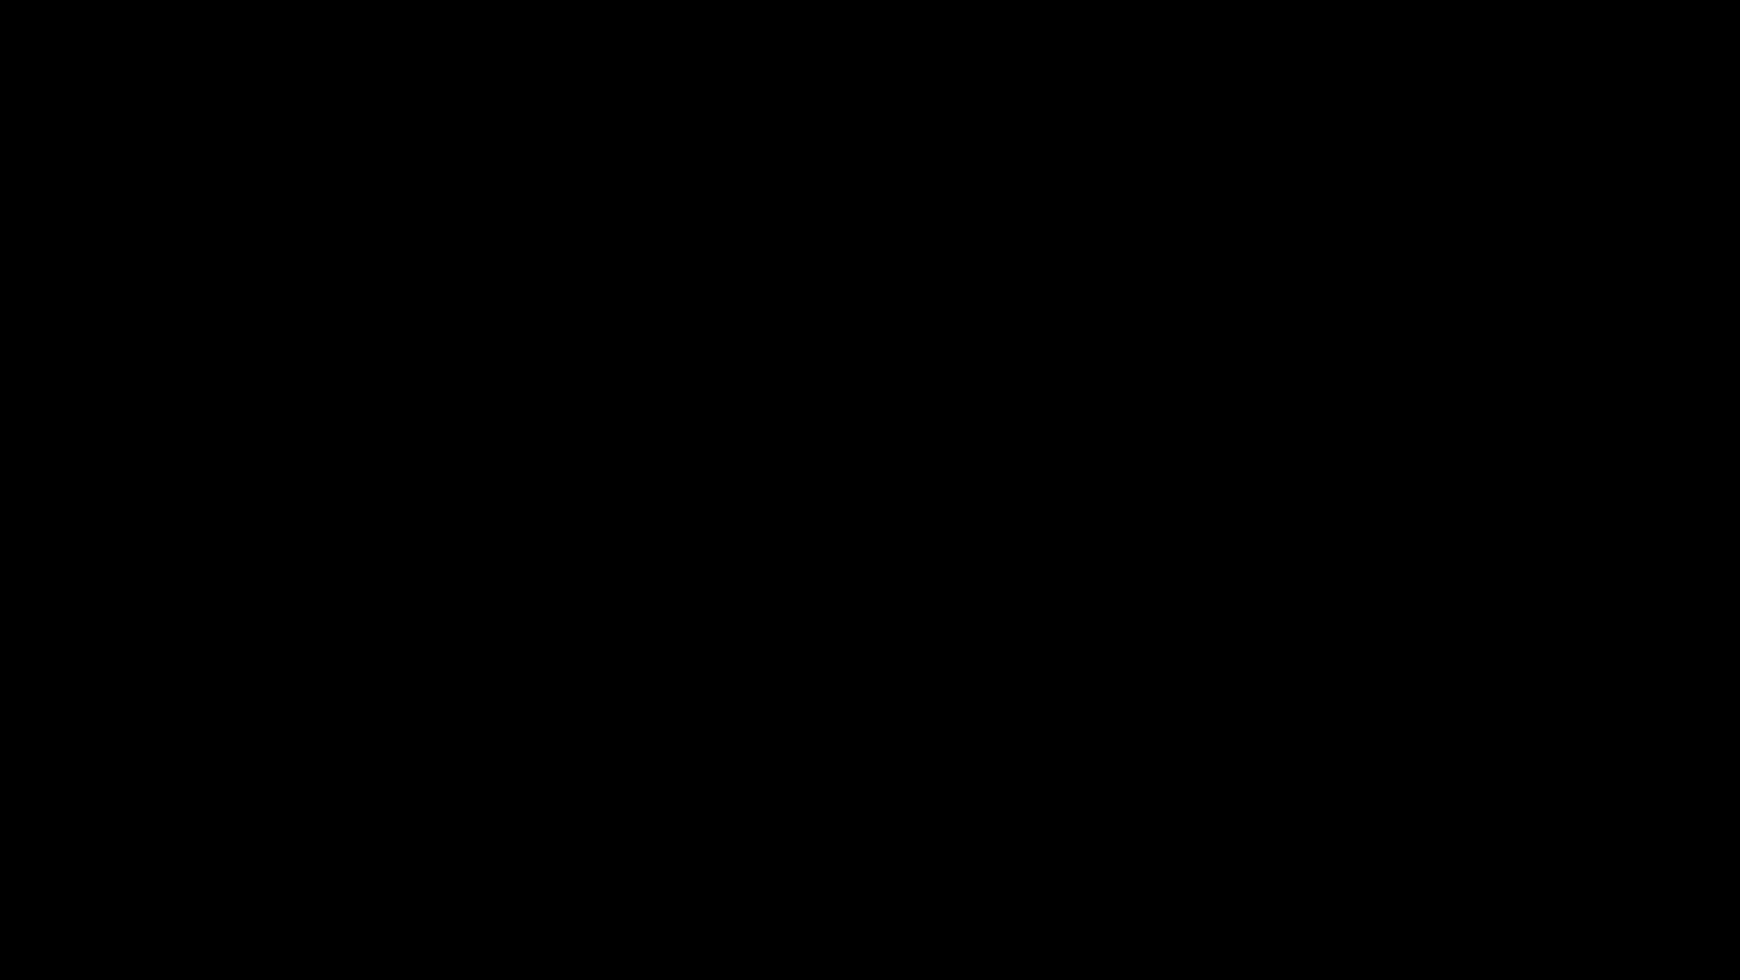 mapa de esboço do mundo png